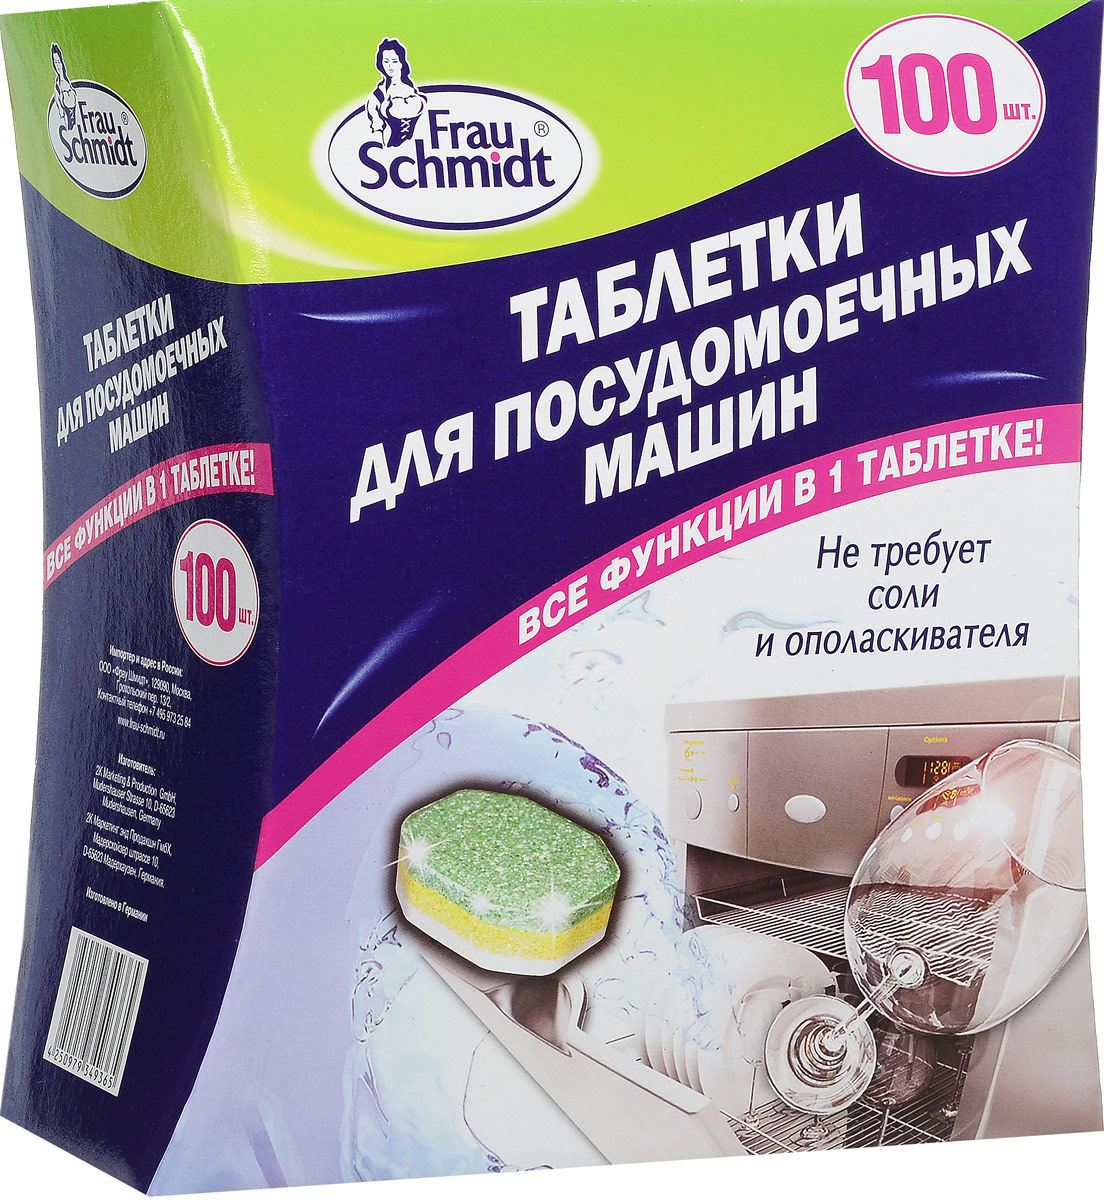 Таблетки для посудомоечной машины Frau Schmidt Все в одном, 100 шт цена